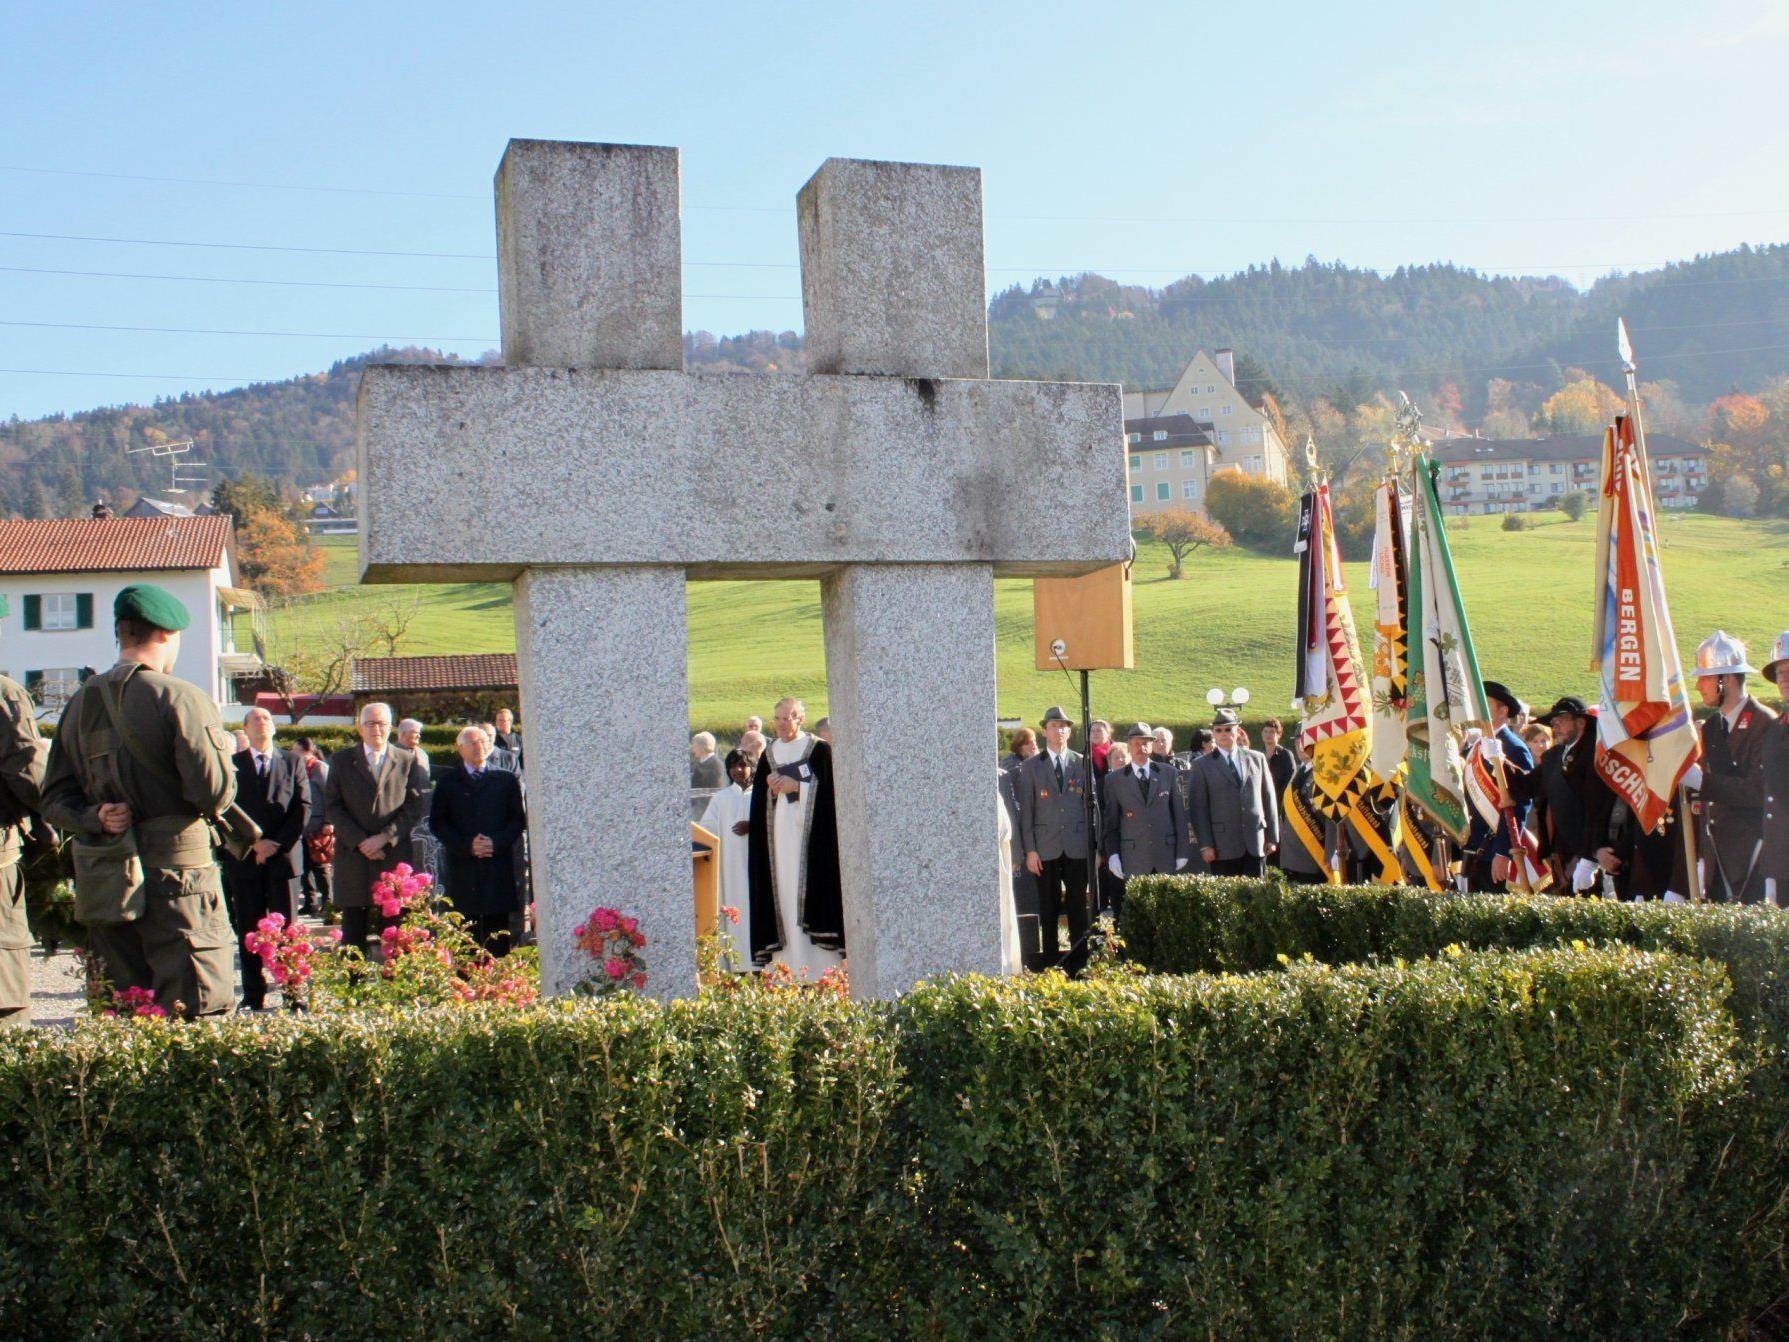 Traditionelle Gedenkfeier, Ansprache und Kranzniederlegung beim Kriegerdenkmal am Seelensonntag.